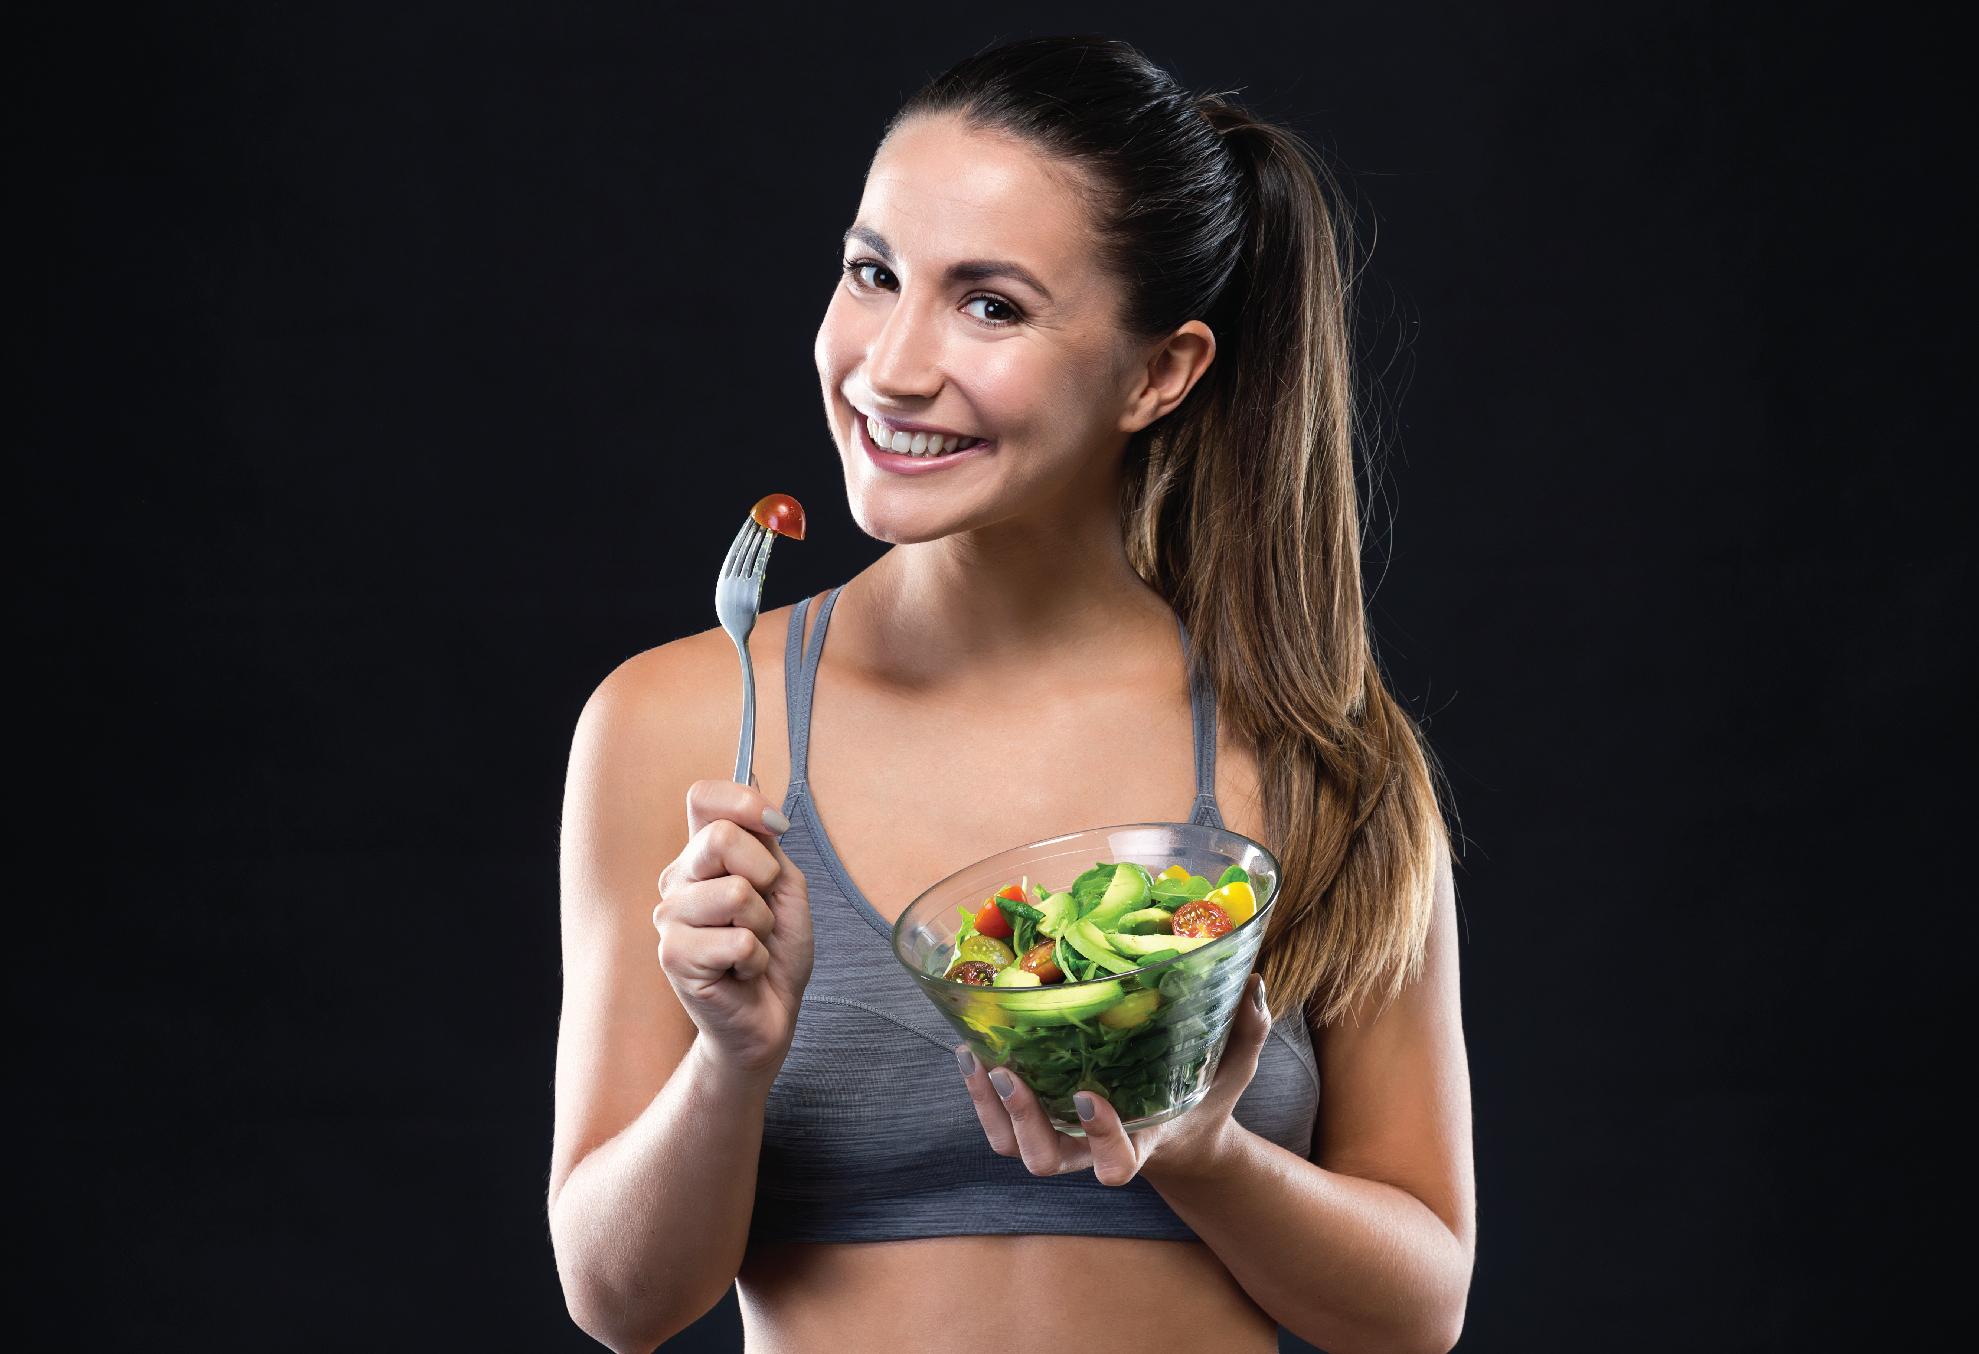 Διατροφή δε σημαίνει στέρηση